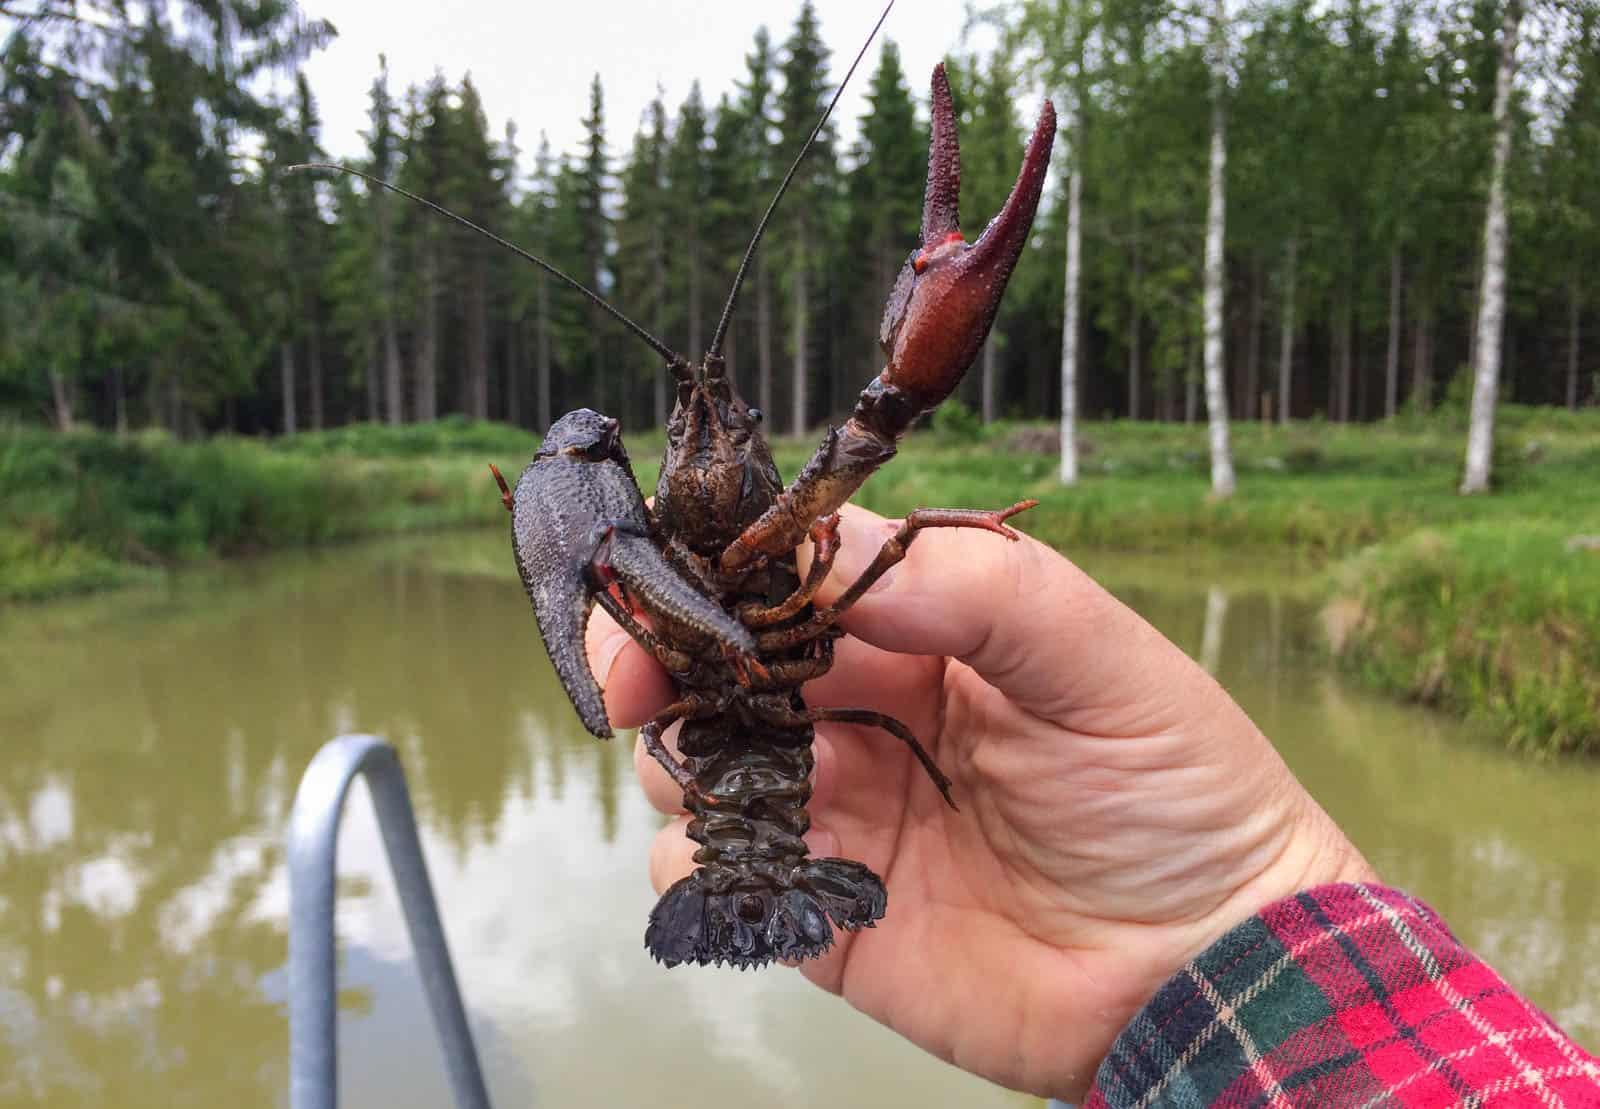 WWF ger åter rött ljus till flodkräftan och vill att vi ska låta bli att köpa den. Lyckligtvis är de ensamma om att se fisket som ett hit mot vår svenska kräfta.